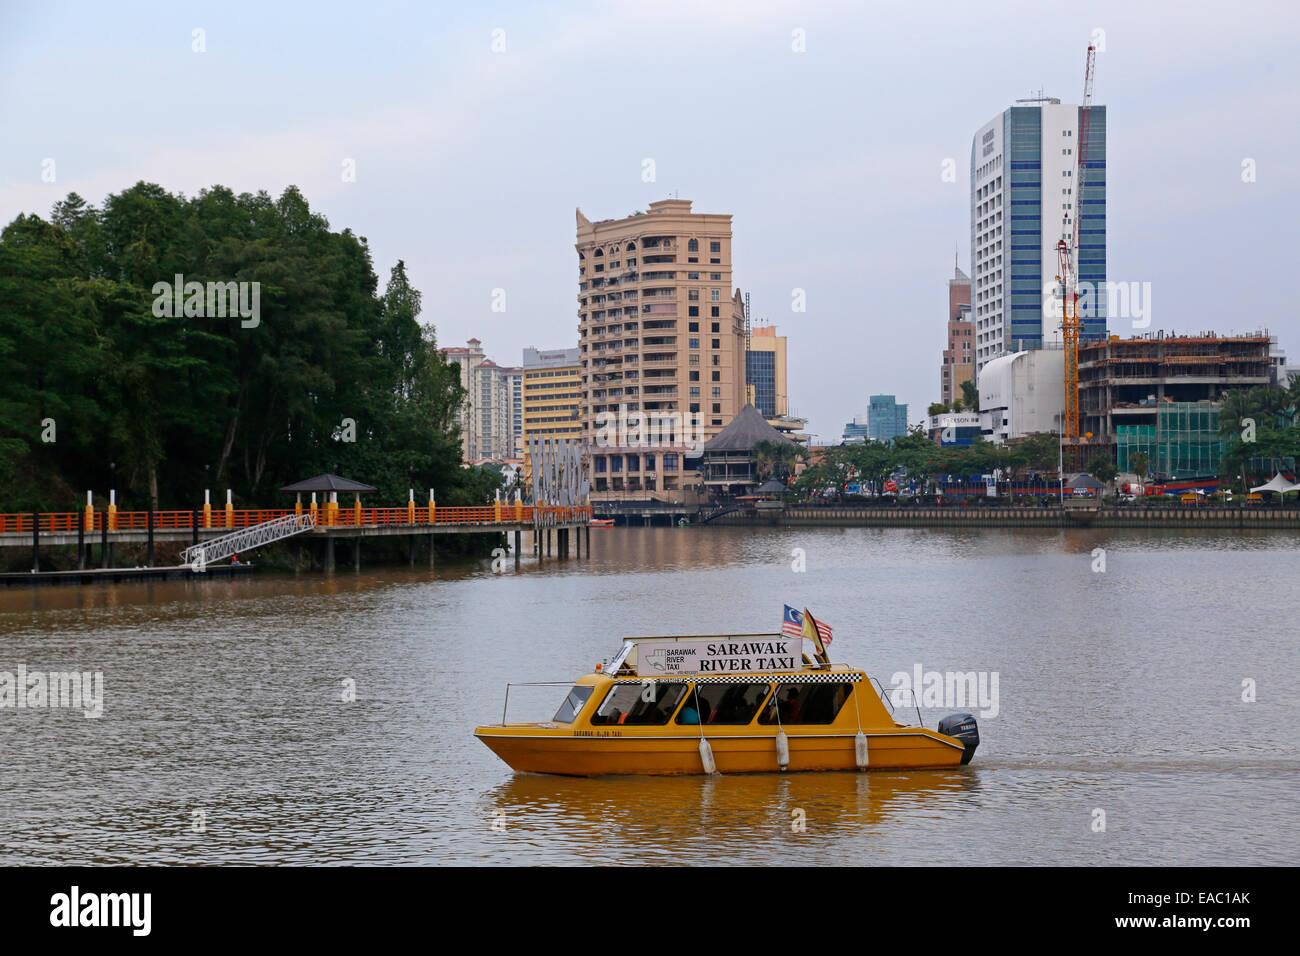 Sarawak River Taxi, Kuching, Malaysia - Stock Image